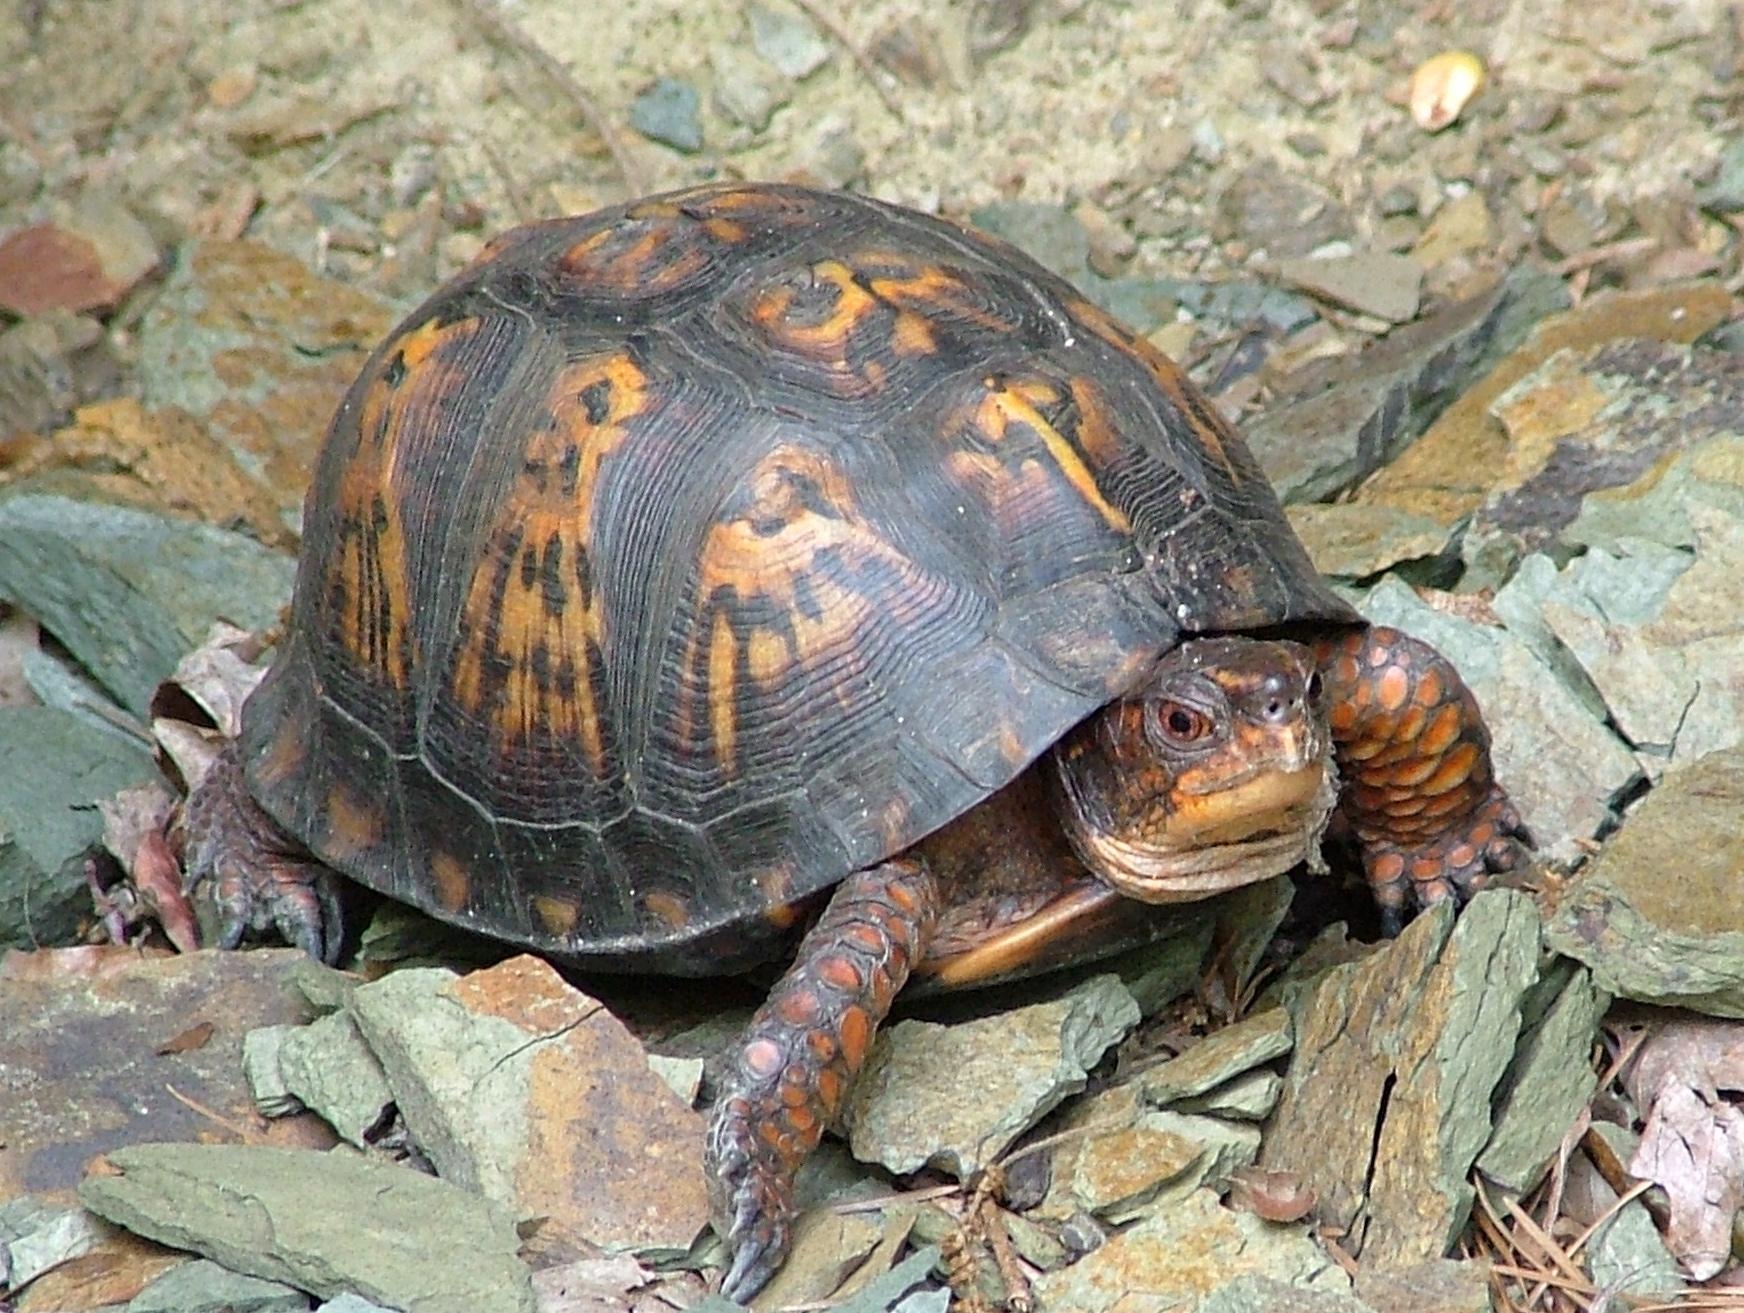 dscf3048.jpg - Box Turtle